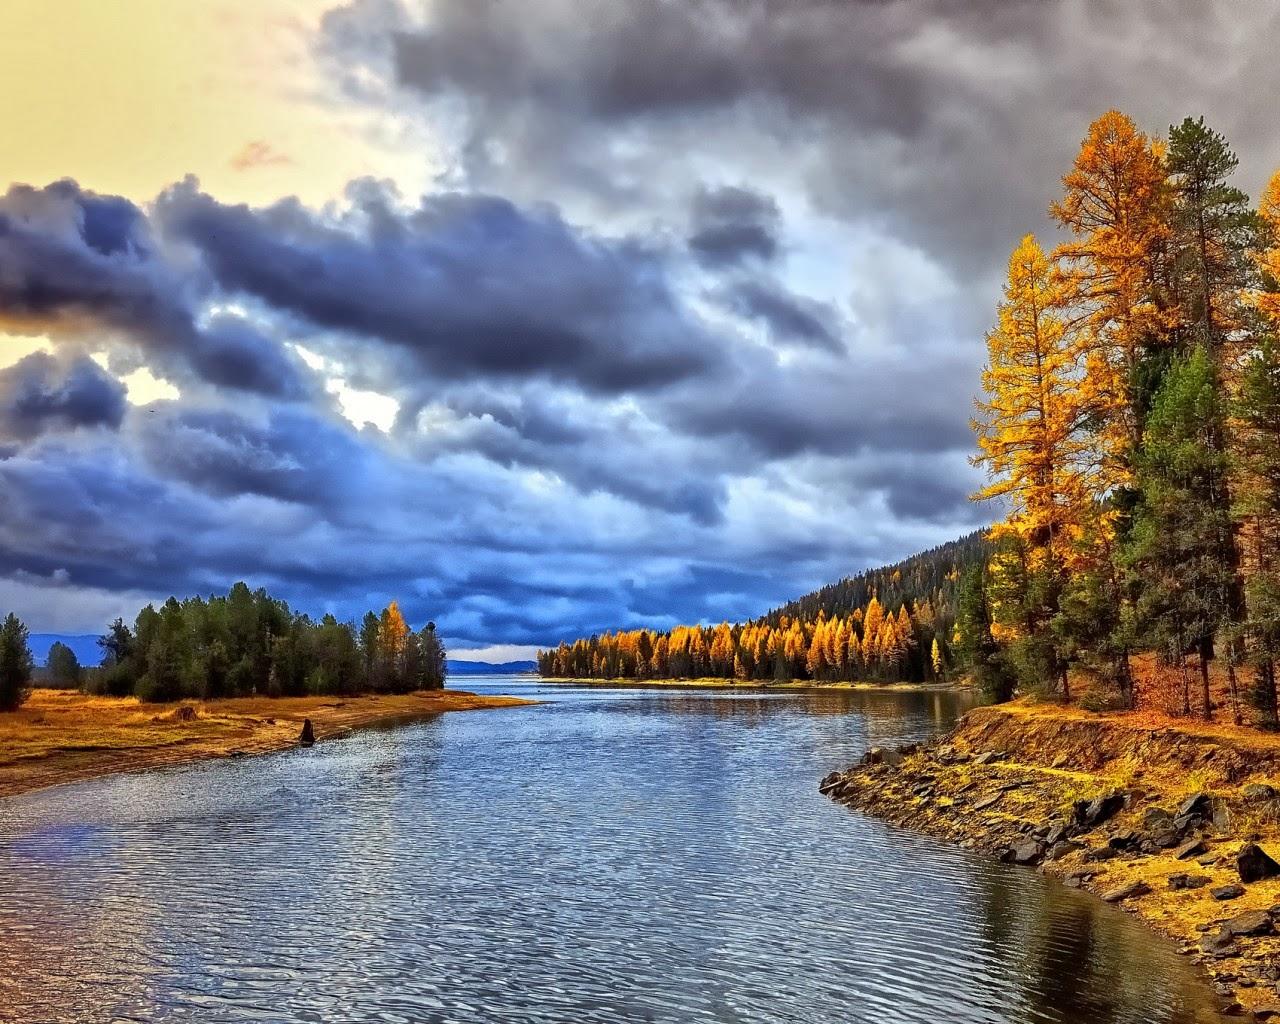 بالصور صور طبيعية صور جمال الطبيعة , خلفيات مناظر روعه 3811